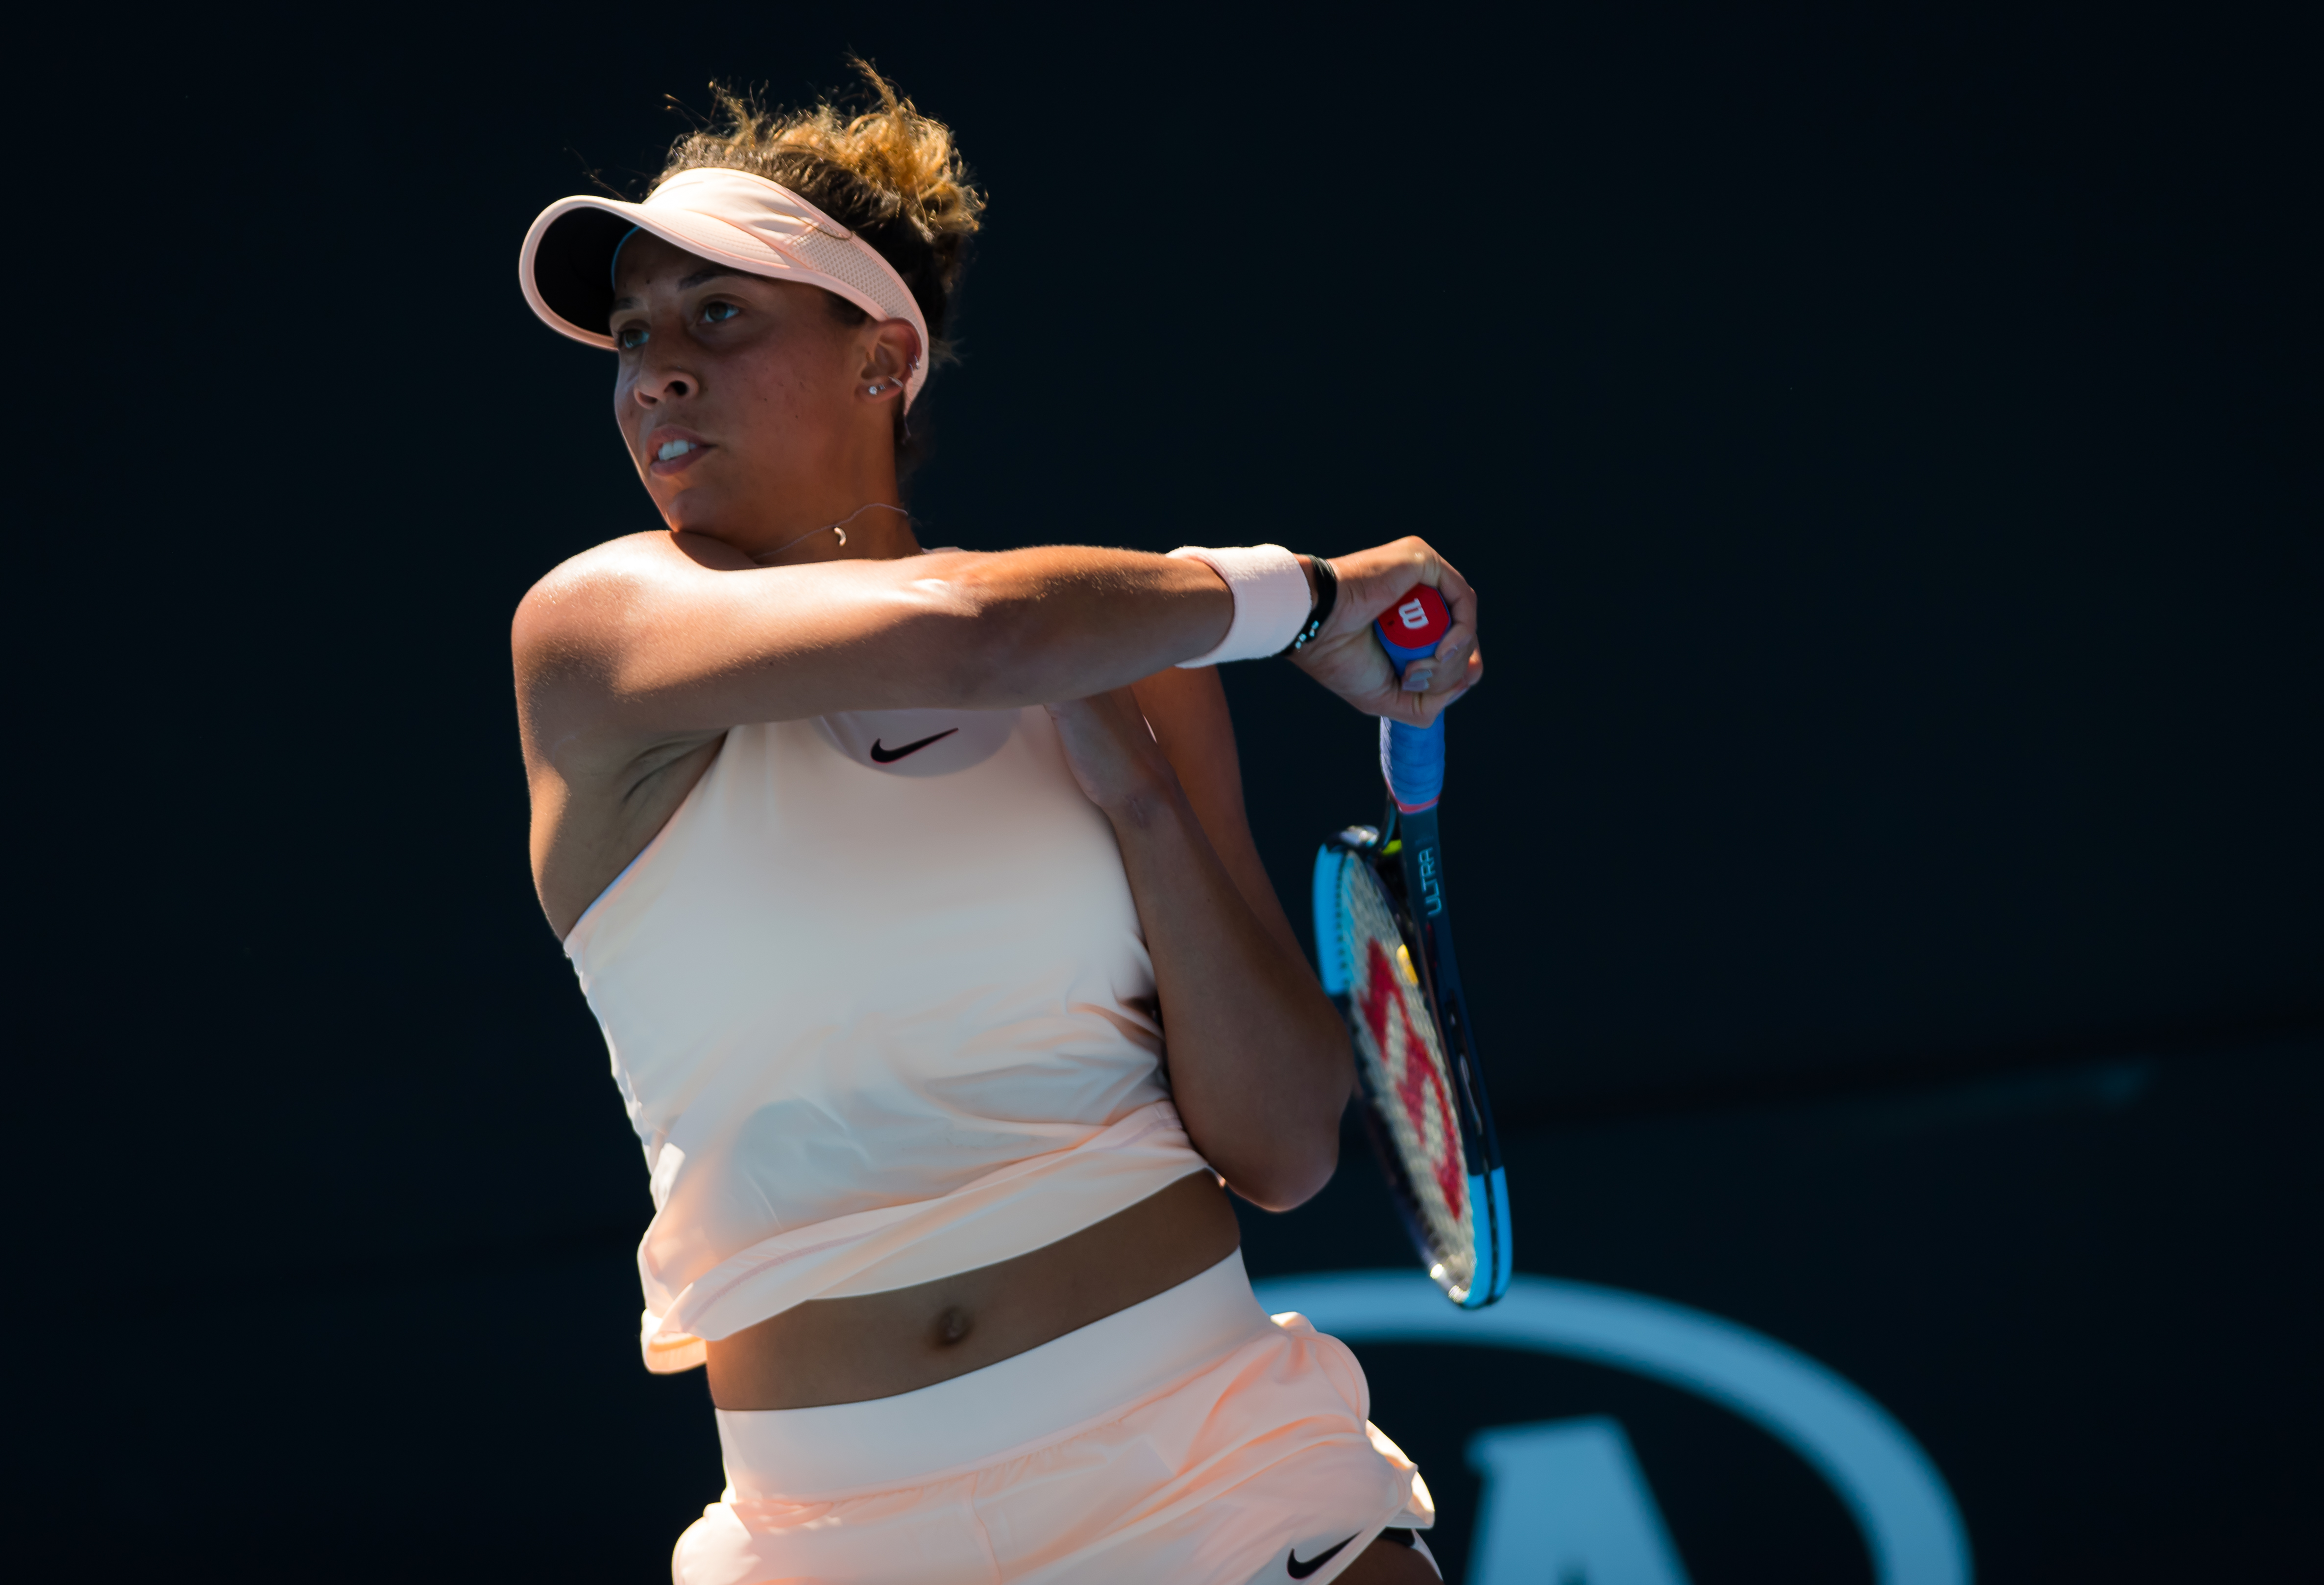 Madison Keys at the Australian Open, 2018